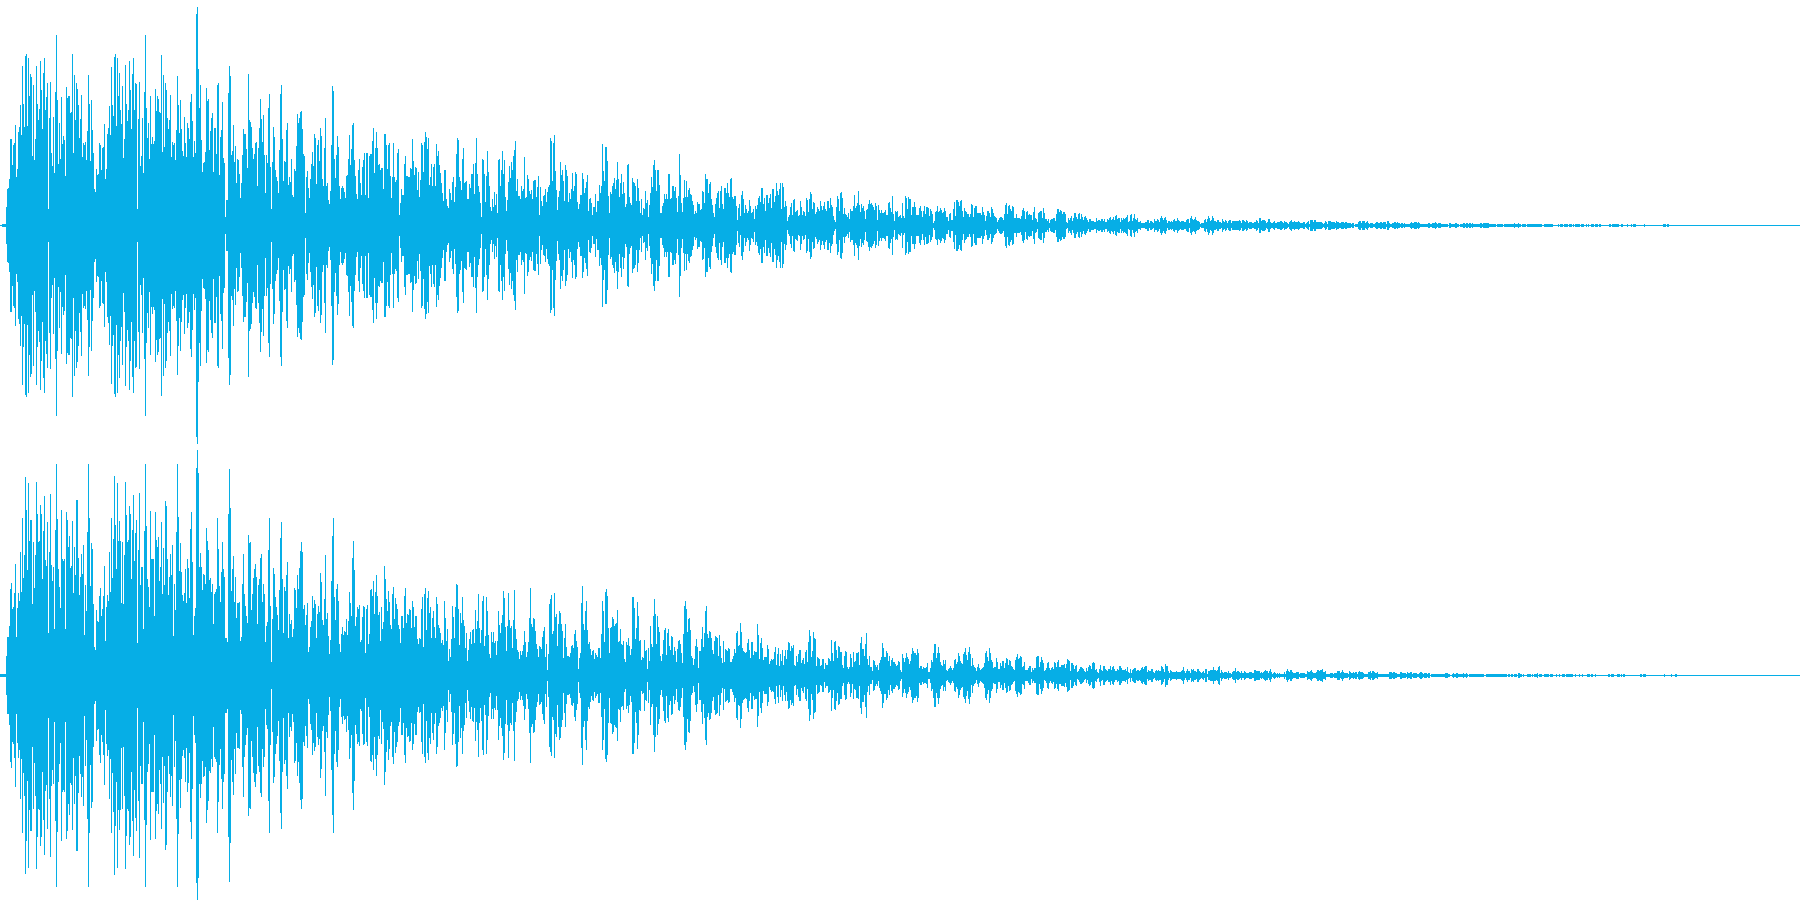 デデーン(強い絶望、レベルダウン、ミス)の再生済みの波形